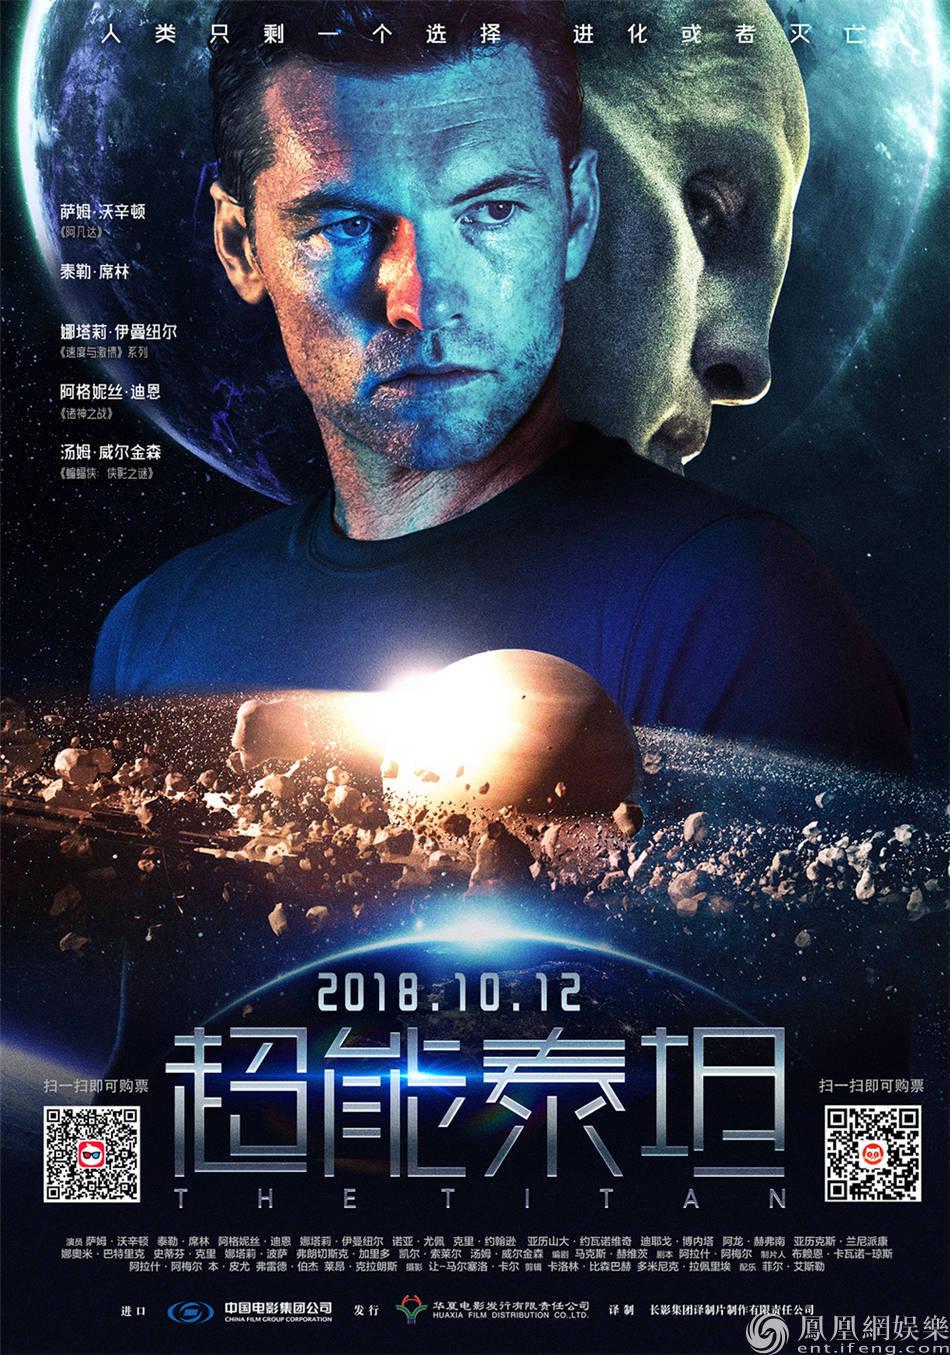 《超能泰坦》萨姆·沃辛顿炸裂演技 引领科幻新风暴